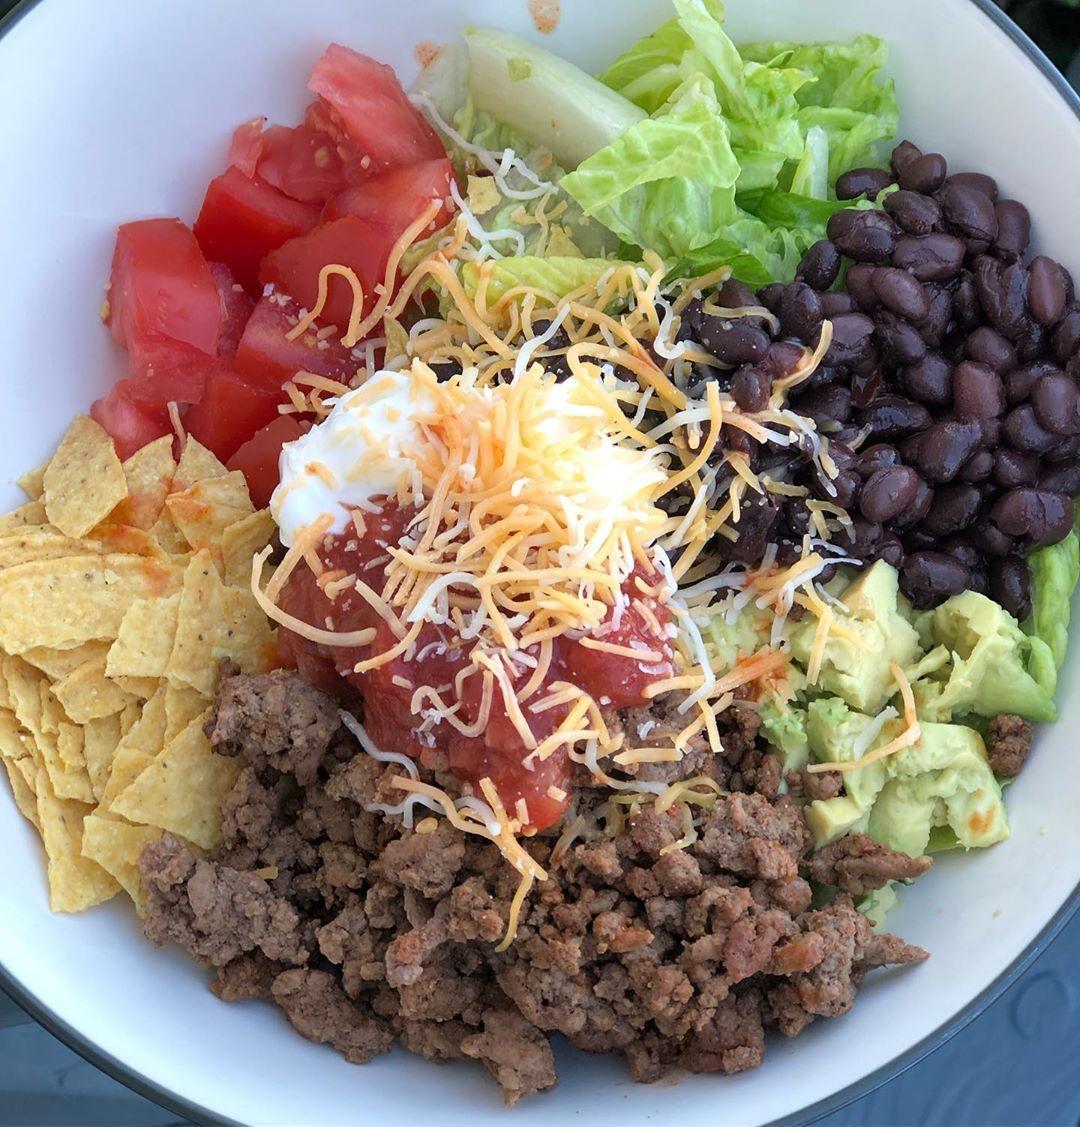 Ashley ww on instagram an instaworthy taco salad for